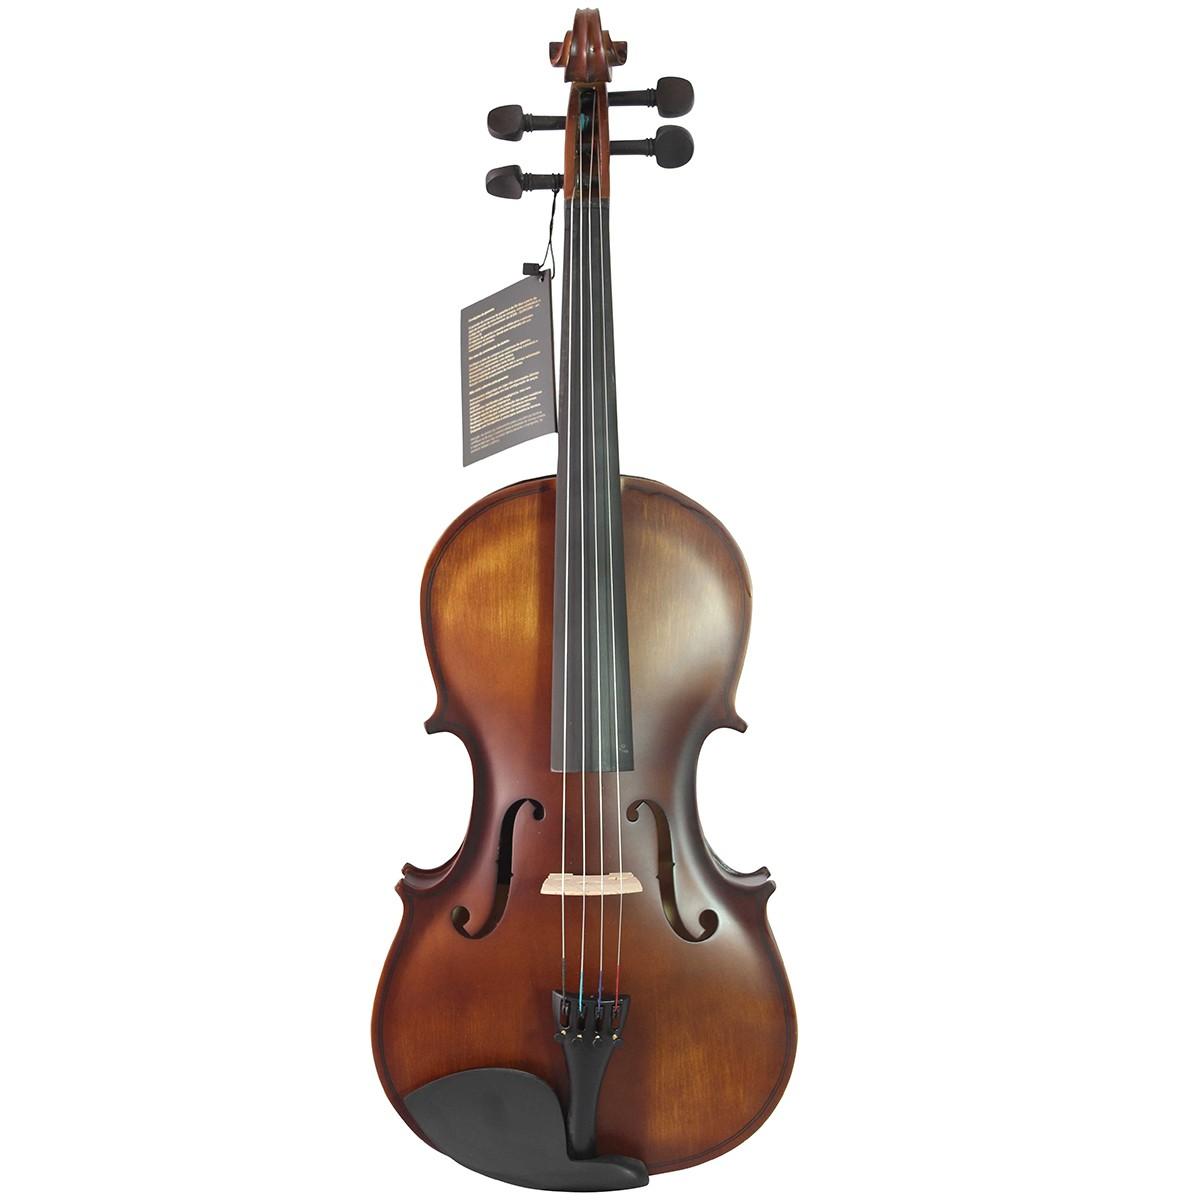 Viola de Arco Jahnke JVO010 4/4 Envelhecida com Case